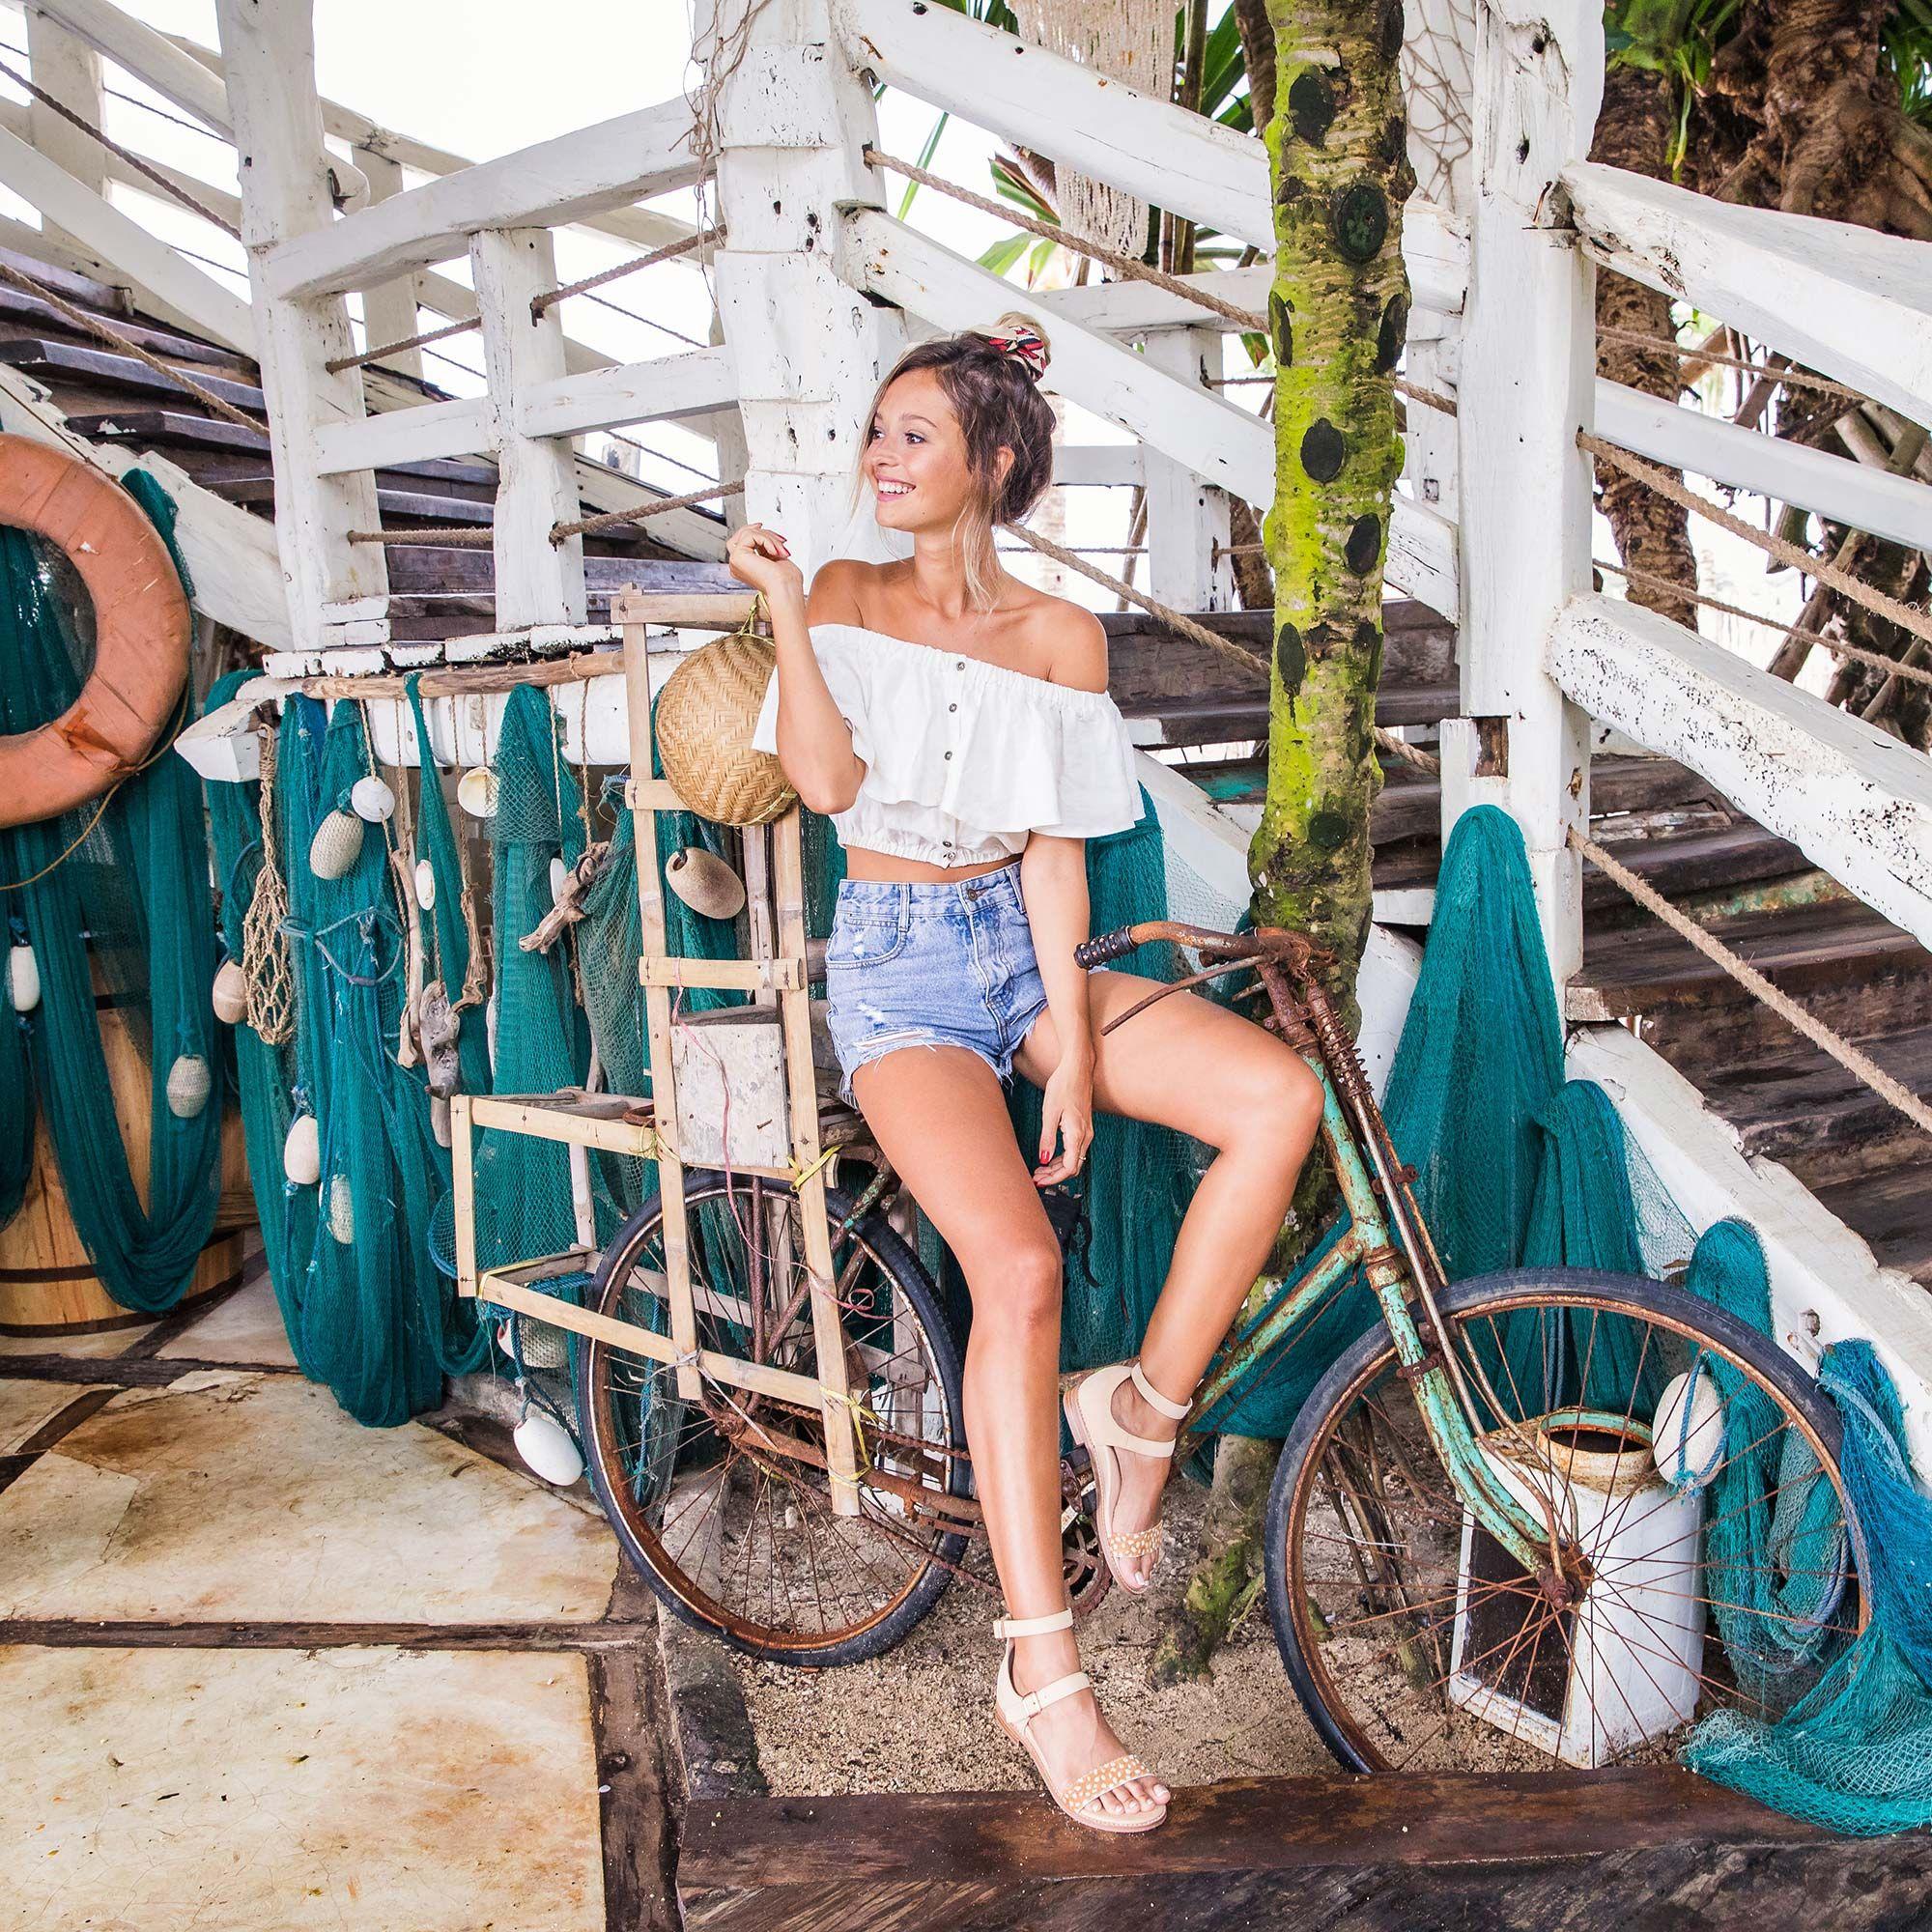 Bared_Footwear_La_Brisa_Bali_Travel_Summer_Womens_Campaign_Aracari_Deer_Print_Sandals_Bicycle